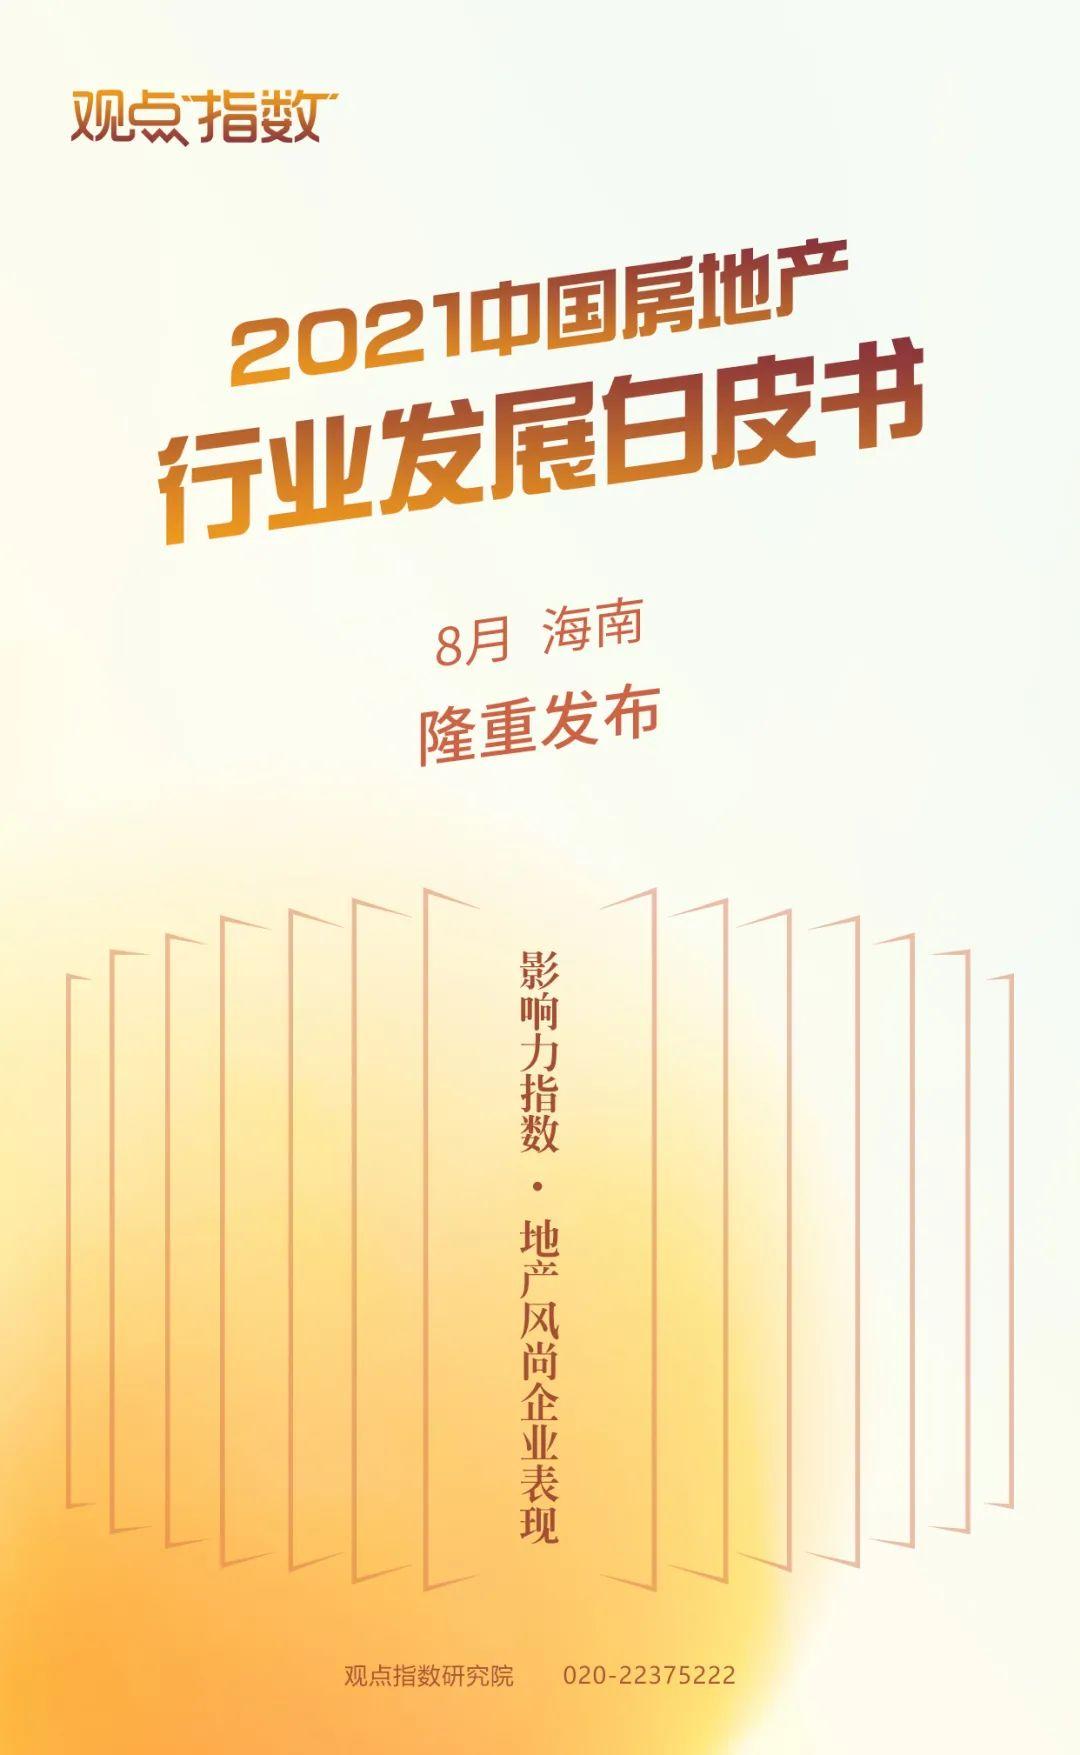 小事记 | 张海民加盟旭辉 恒大签约中石化 华润置地注册百亿公司